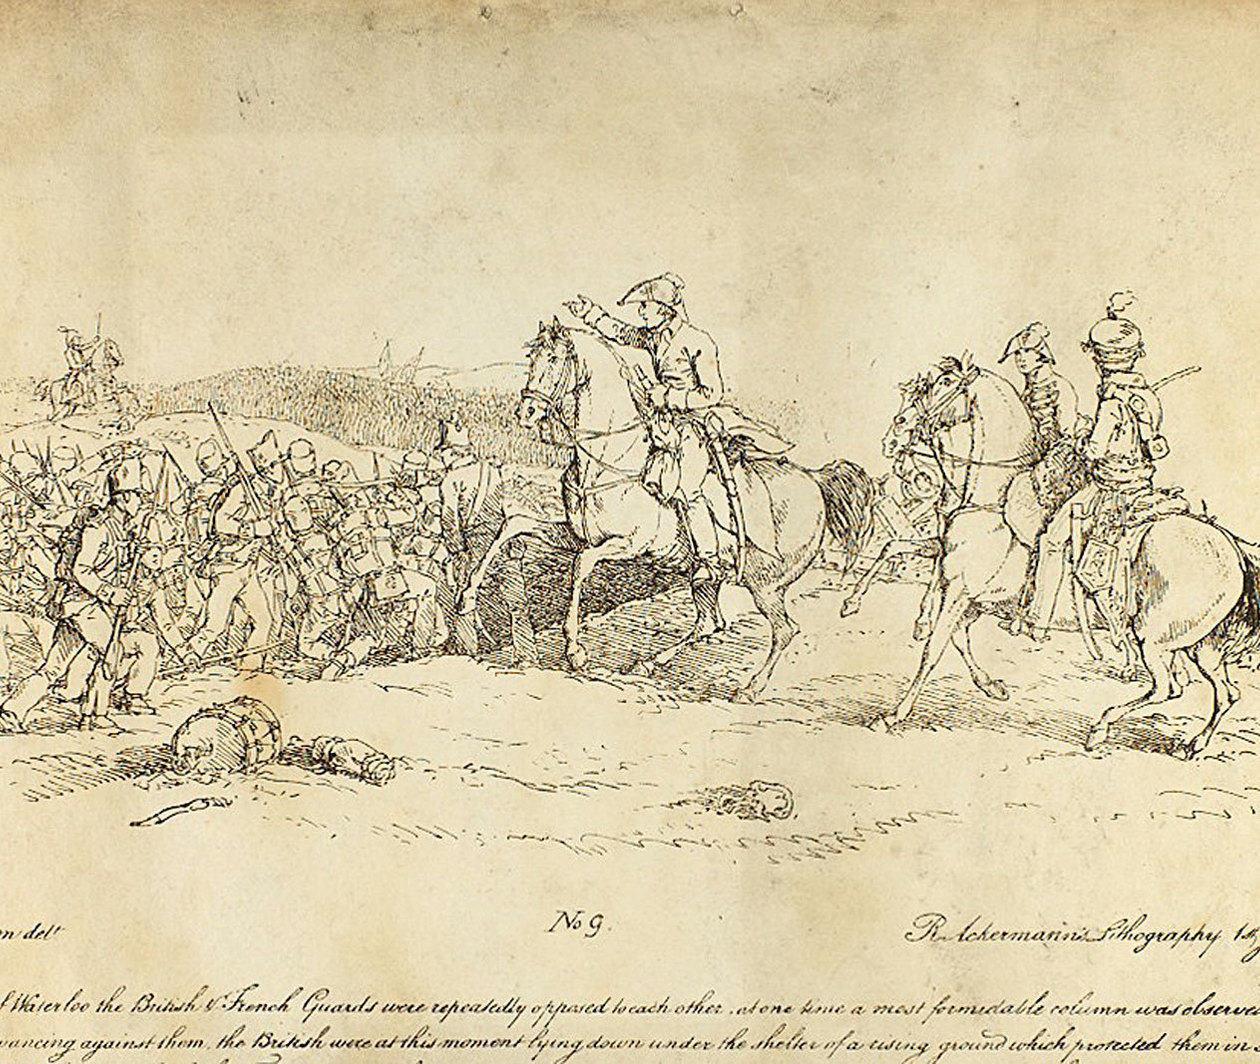 Wellington and the Battle of Waterloo